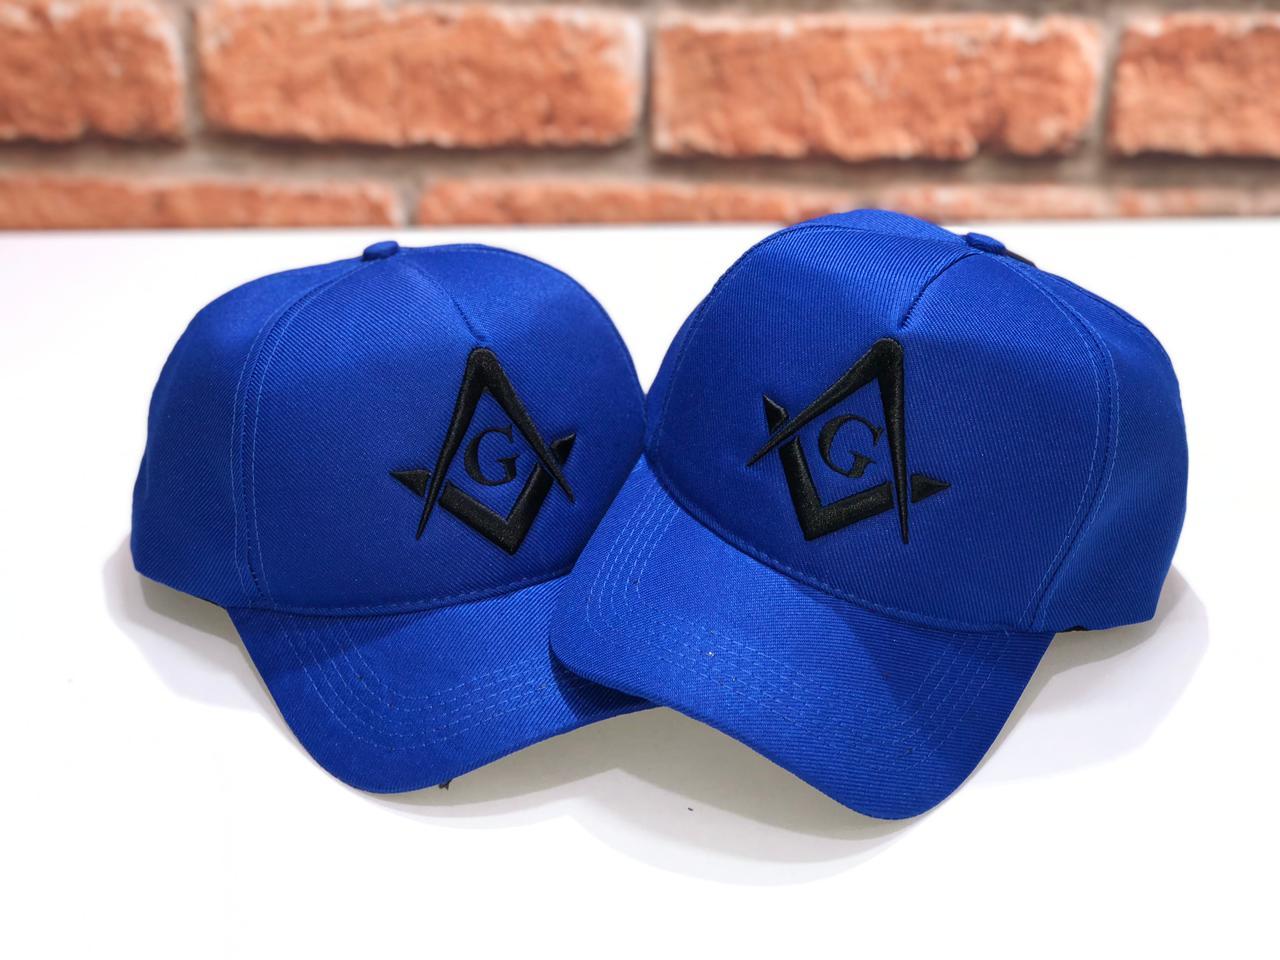 Boné Azul Maçonaria - Bordado em Alto relevo Azul. (lançamento)